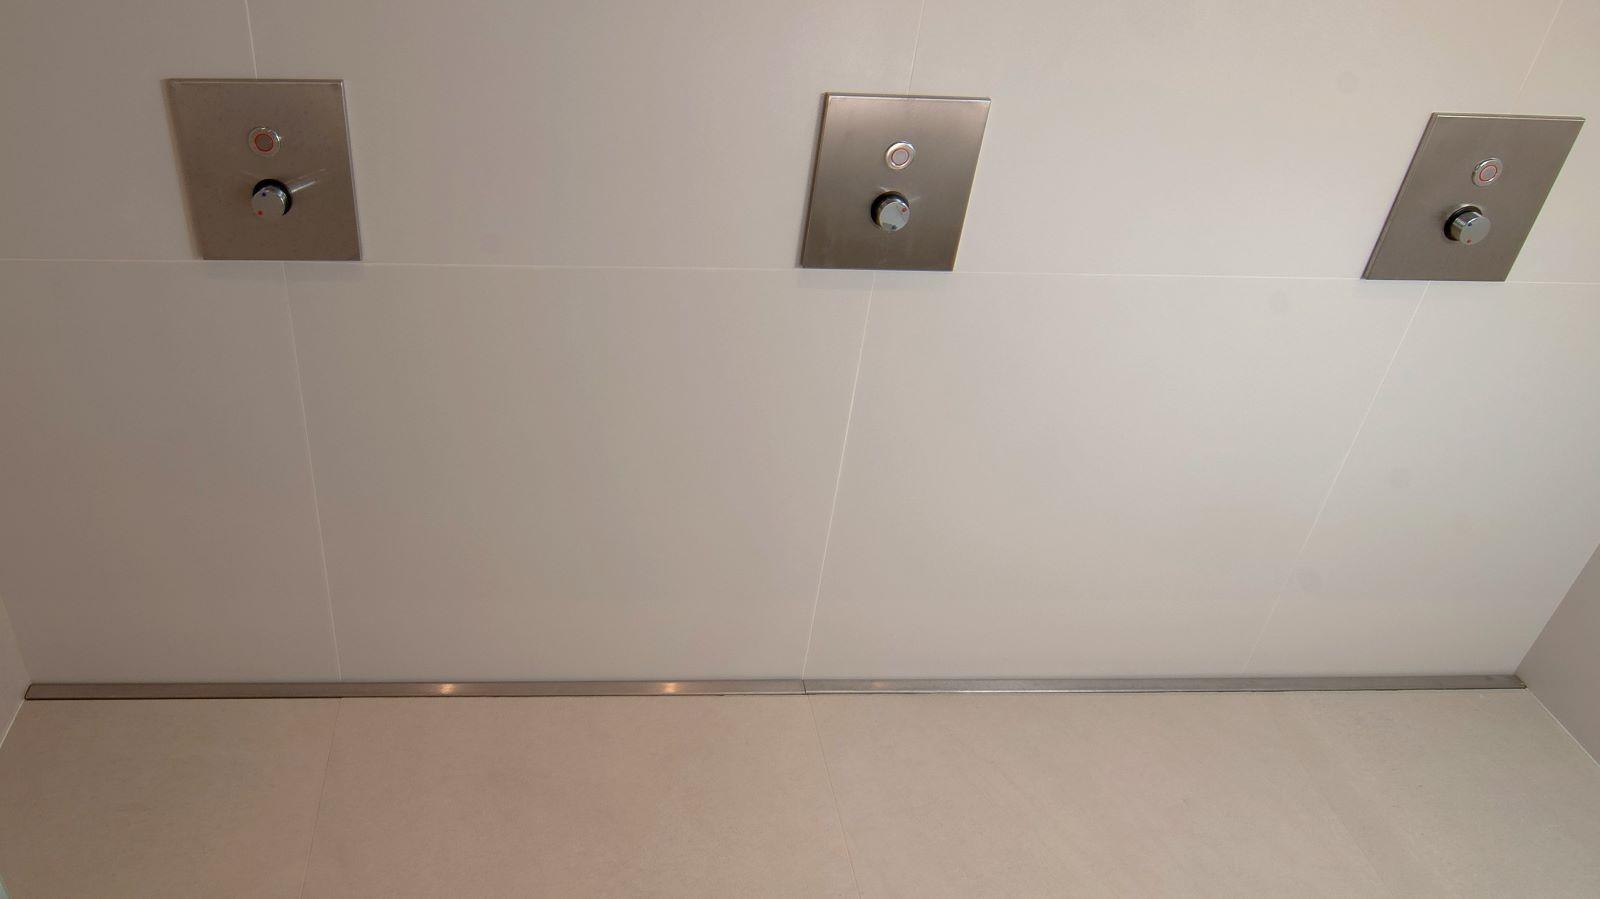 Die hier gezeigte funktionale reihendusche befindet sich in einem fitnessstudio. Die ueber die gesamte rueckwand der reihendusche verlaufende massanfertigung der duschrinne pro ermoeglicht eine einzige gefaellerichtung im boden. Sie garantiert ausserdem eine sehr gute duschentwaesserung. Die im Bild gezeigte, extra lange, hochwertige, pflegeleichte v4a edelstahl duschrinne pro ist wandbuendig in die reihendusche eingebaut. Die dezente abdeckung der duschrinne pro und die grossflaechigen bodenfliesen harmonieren mit der ruhigen optik der wandfliesen